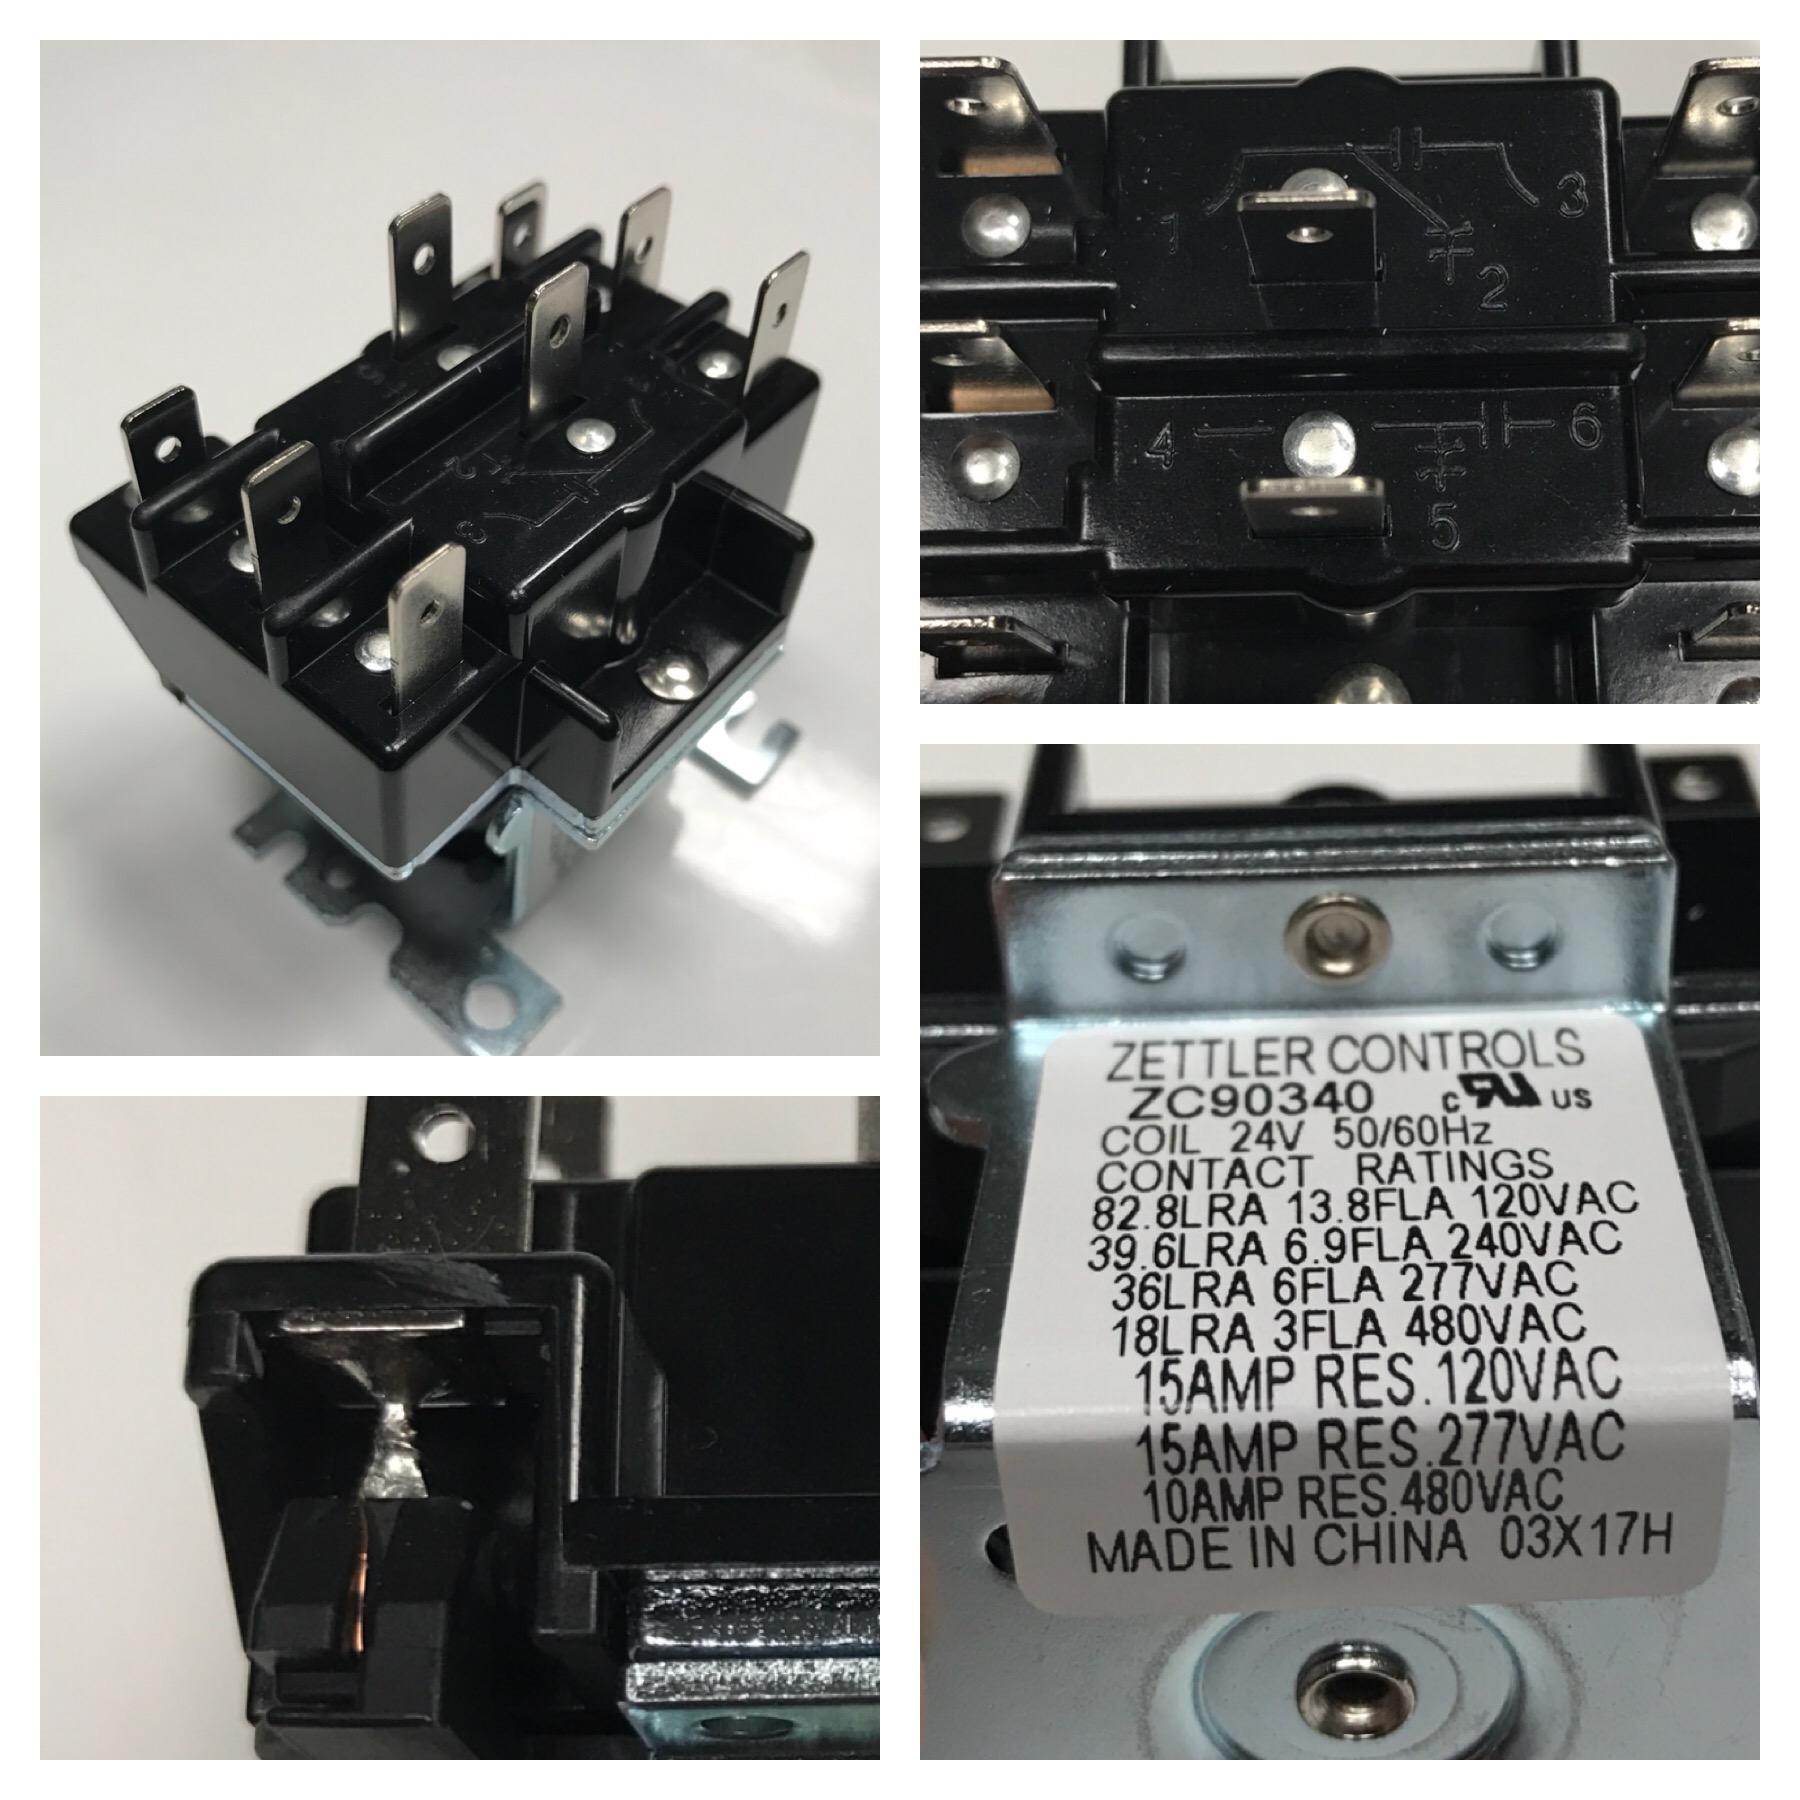 Understanding Relays With the 90-340 - HVAC School | Hvac Wiring Schematics 90 340 Relay |  | HVAC School